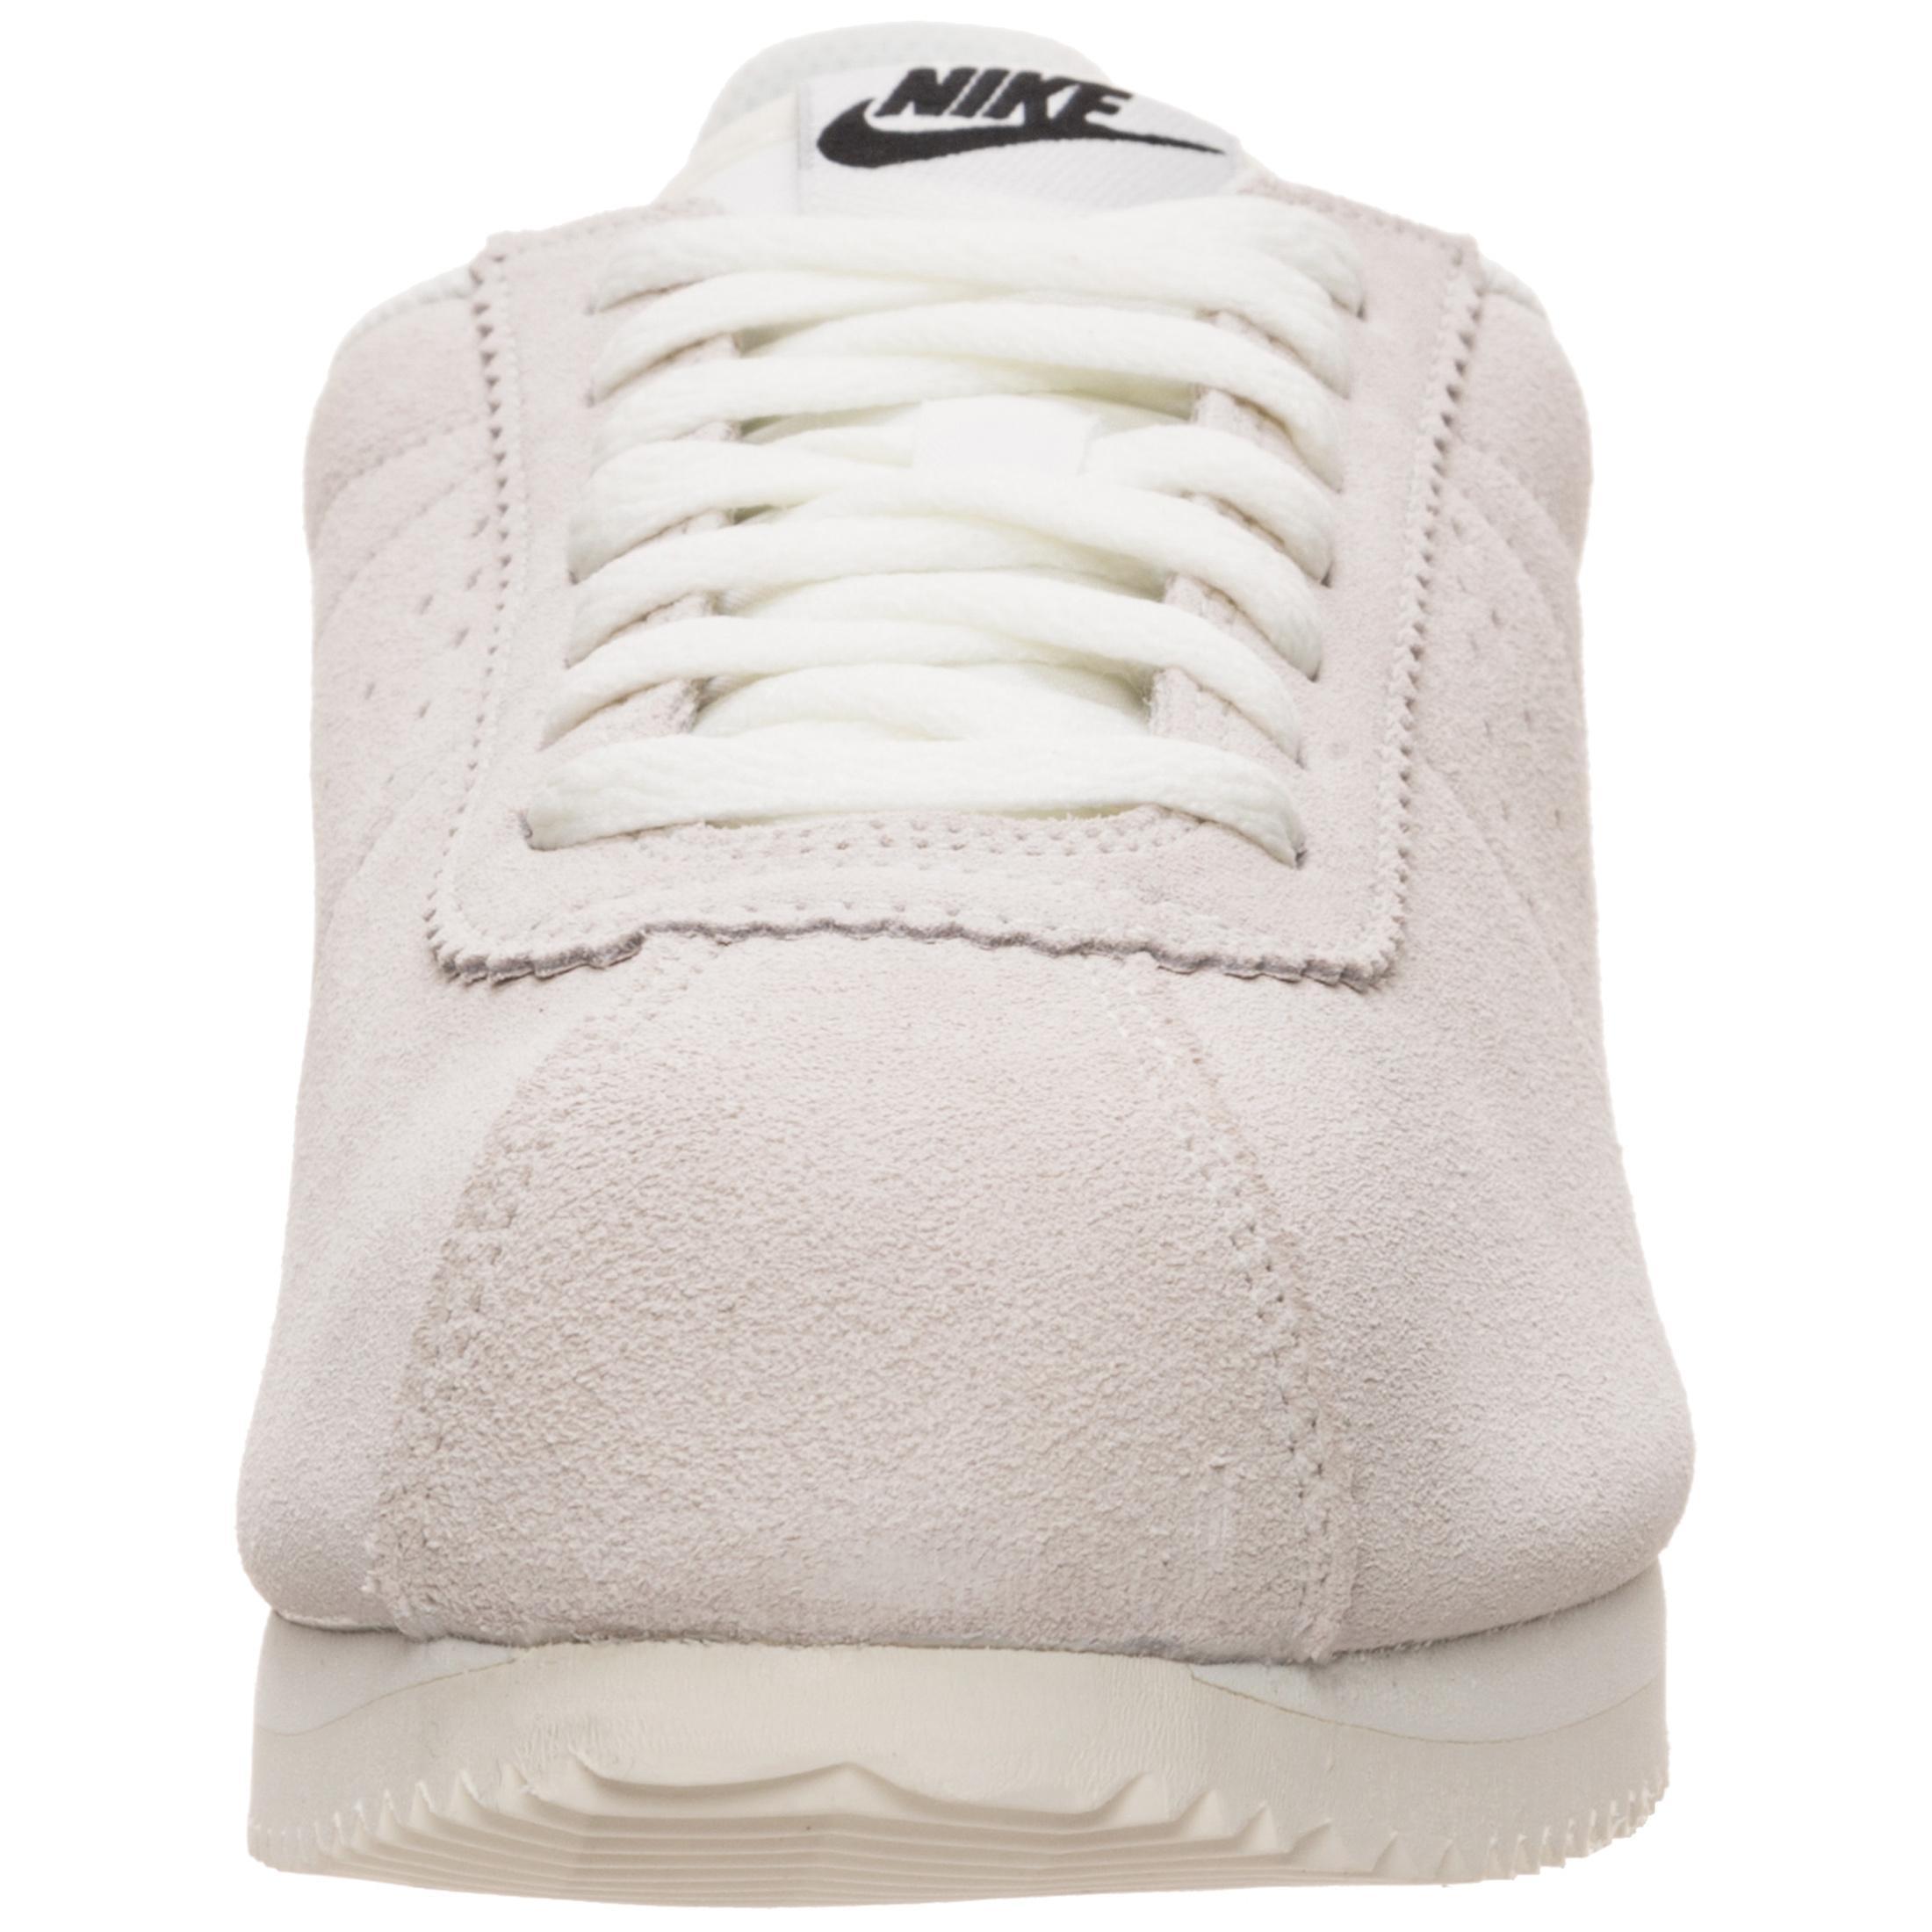 Nike Classic Cortez Suede Sneaker Herren Herren Herren beige im Online Shop von SportScheck kaufen Gute Qualität beliebte Schuhe c7d4be